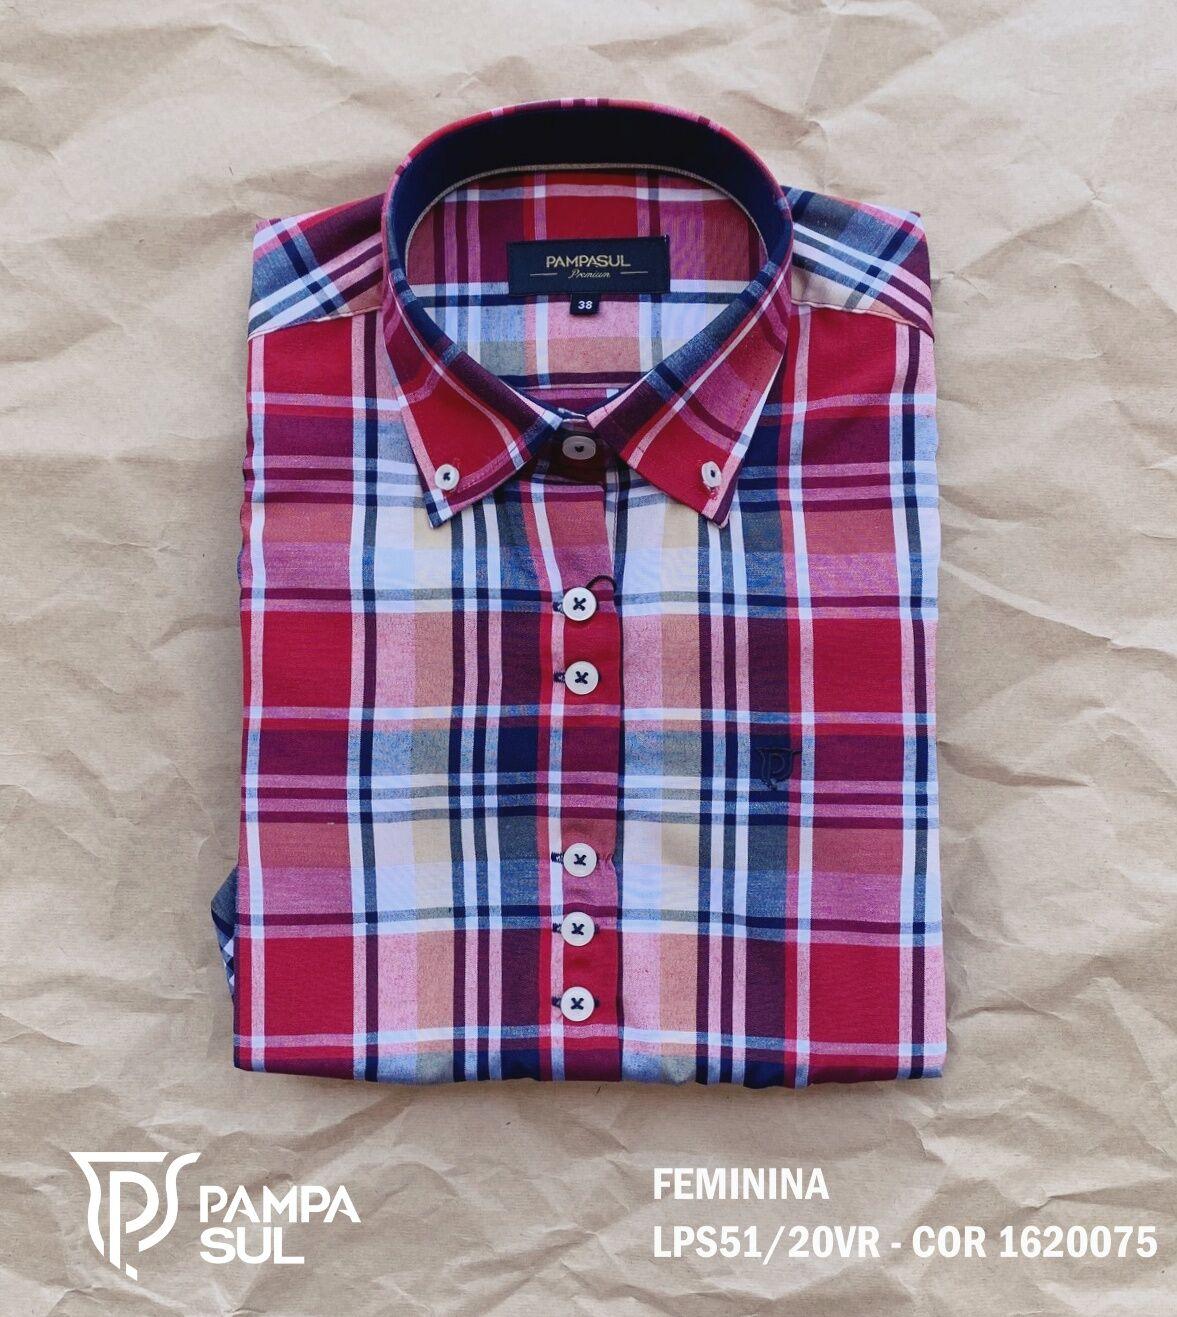 Camisa Pampa Sul Feminina LPS 51/20